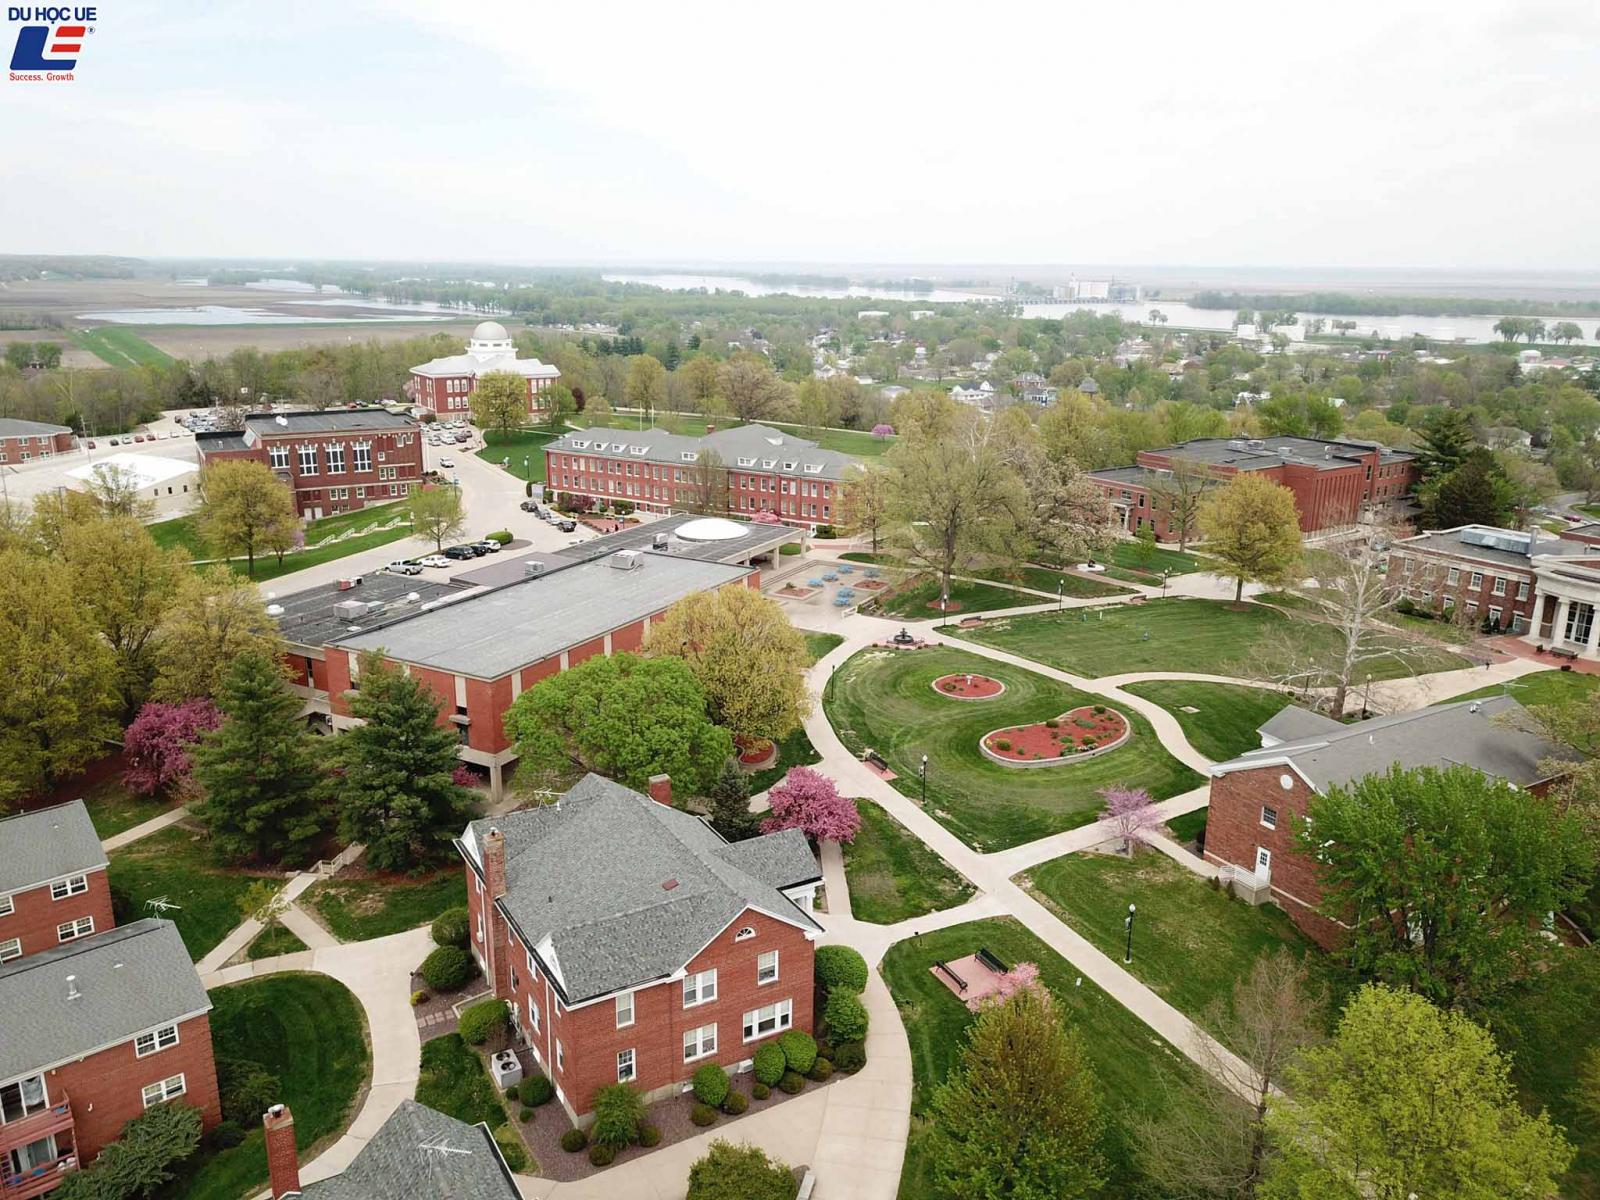 Cơ hội săn học bổng toàn phần tại Culver Stockon College - Đại học tư thục danh giá của xứ sở Hoa Kỳ 2